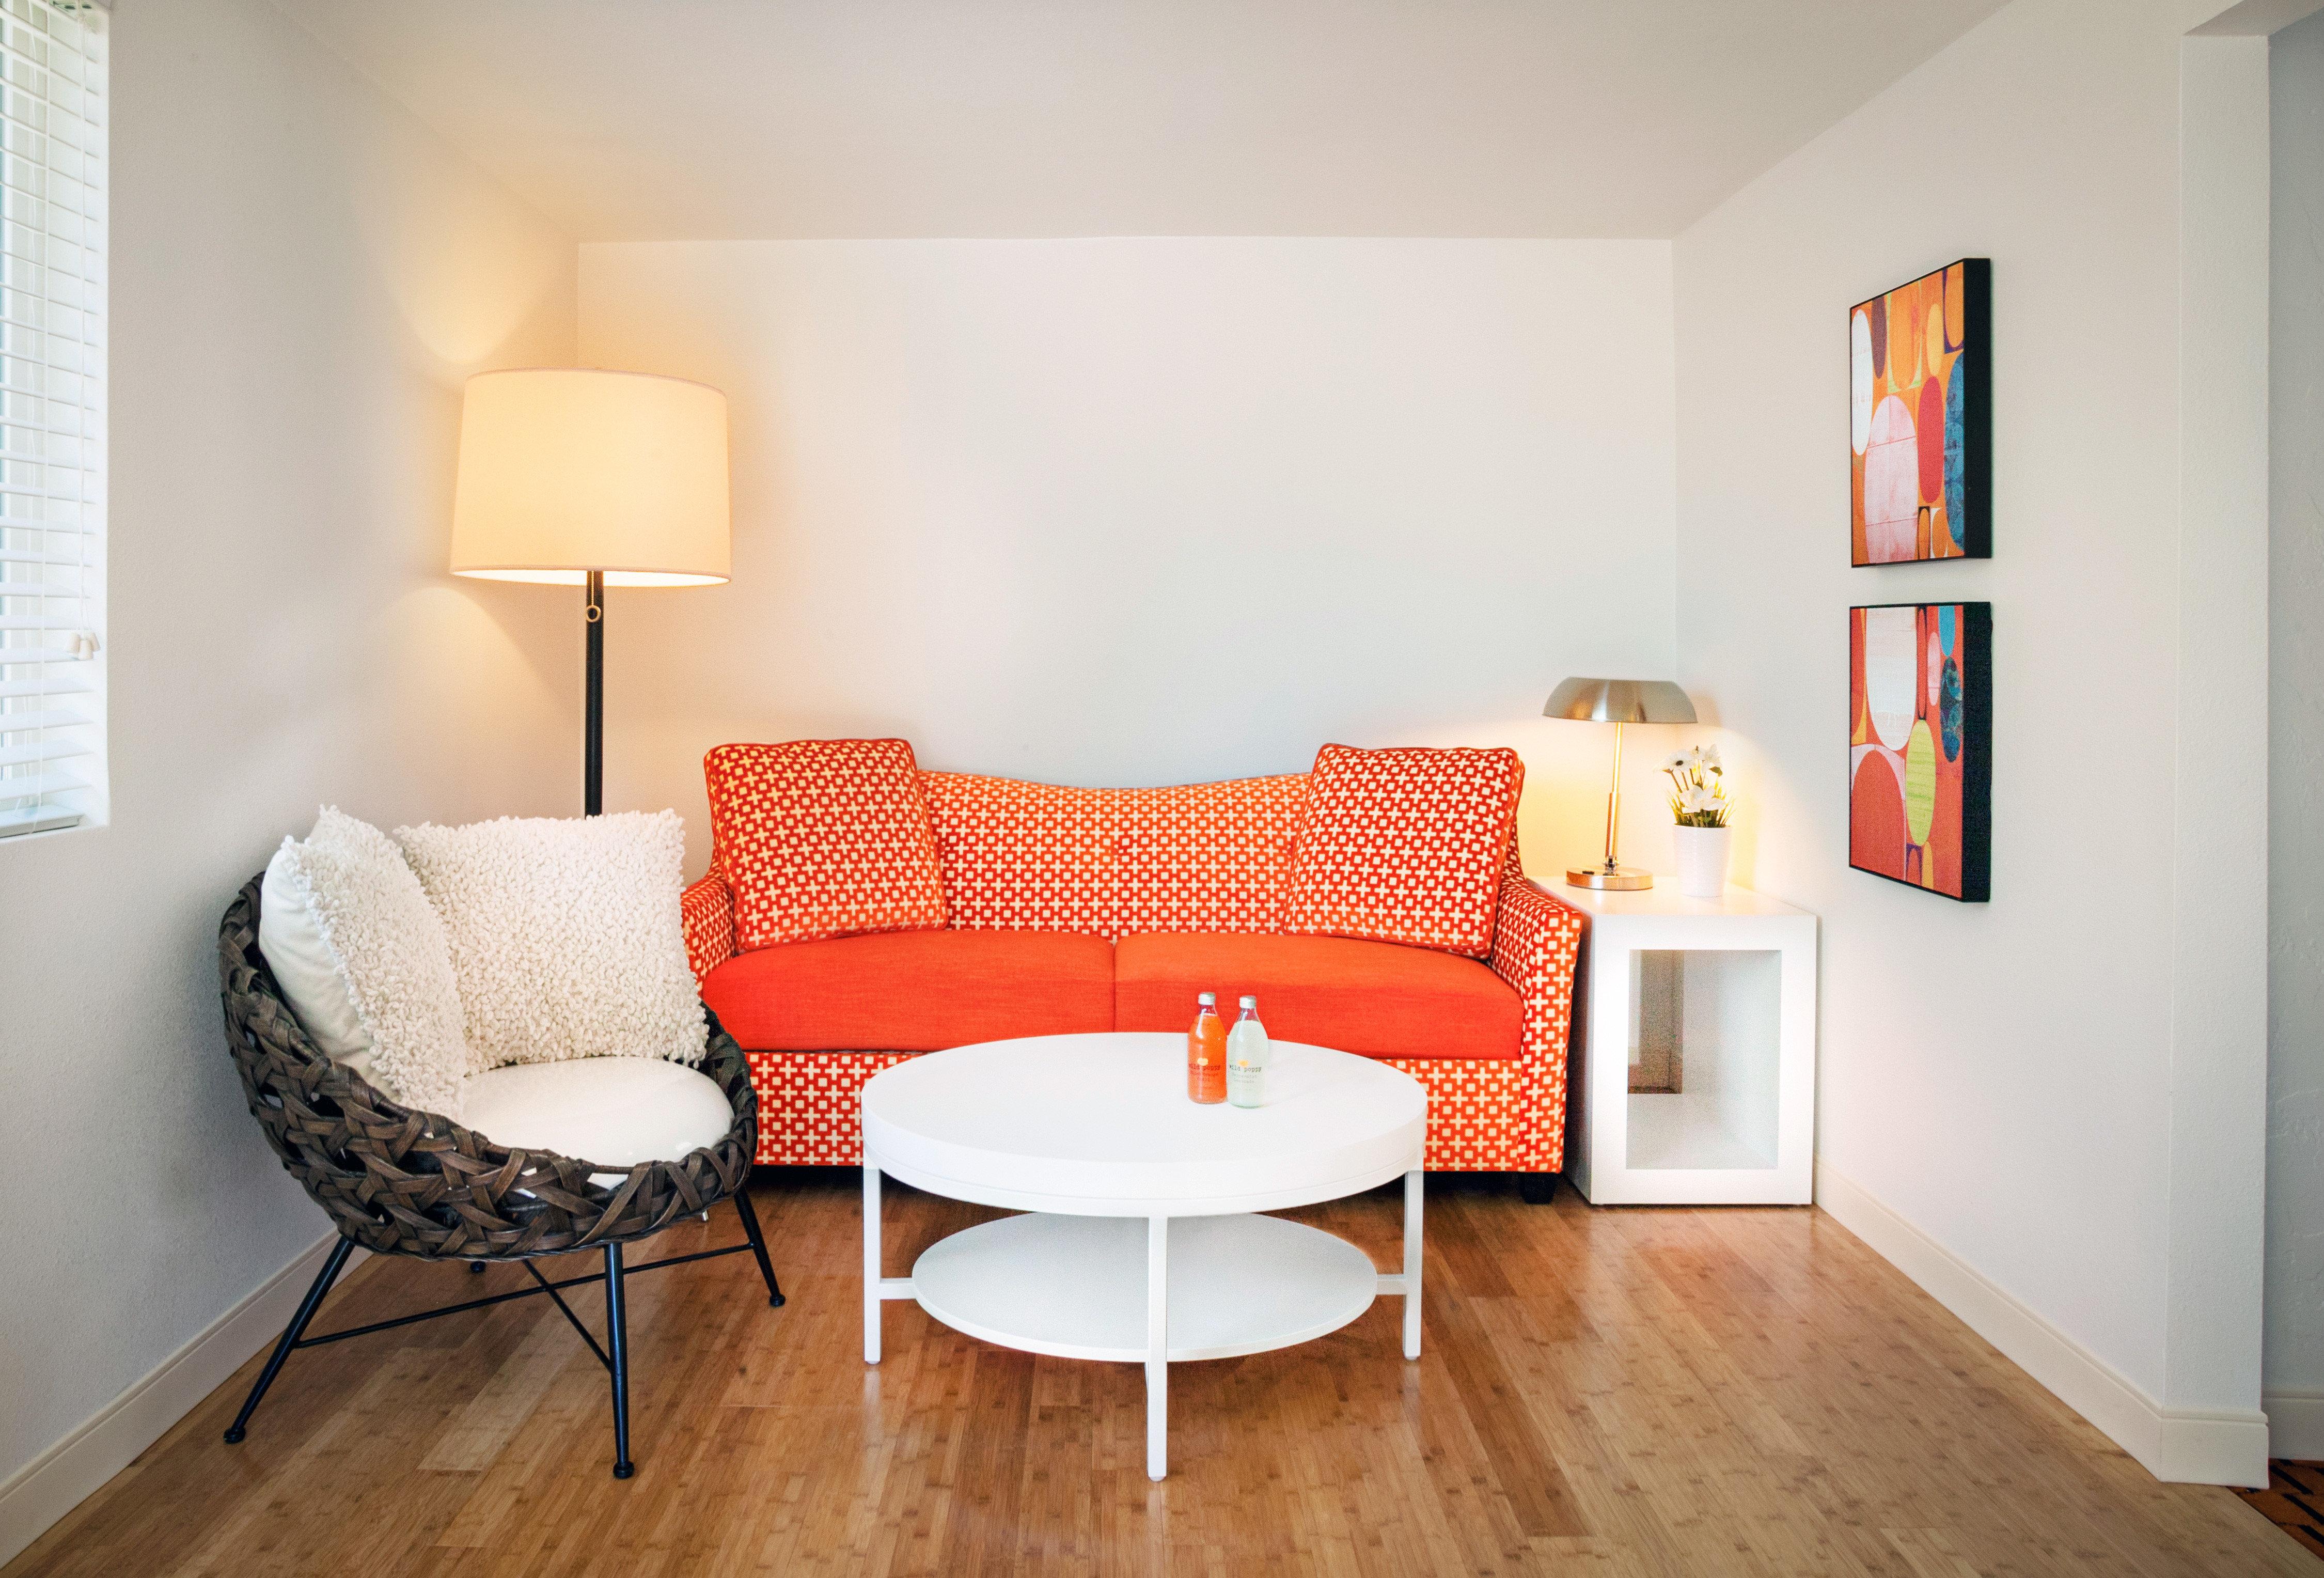 Lounge Modern property living room home Bedroom hardwood cottage hard flat lamp